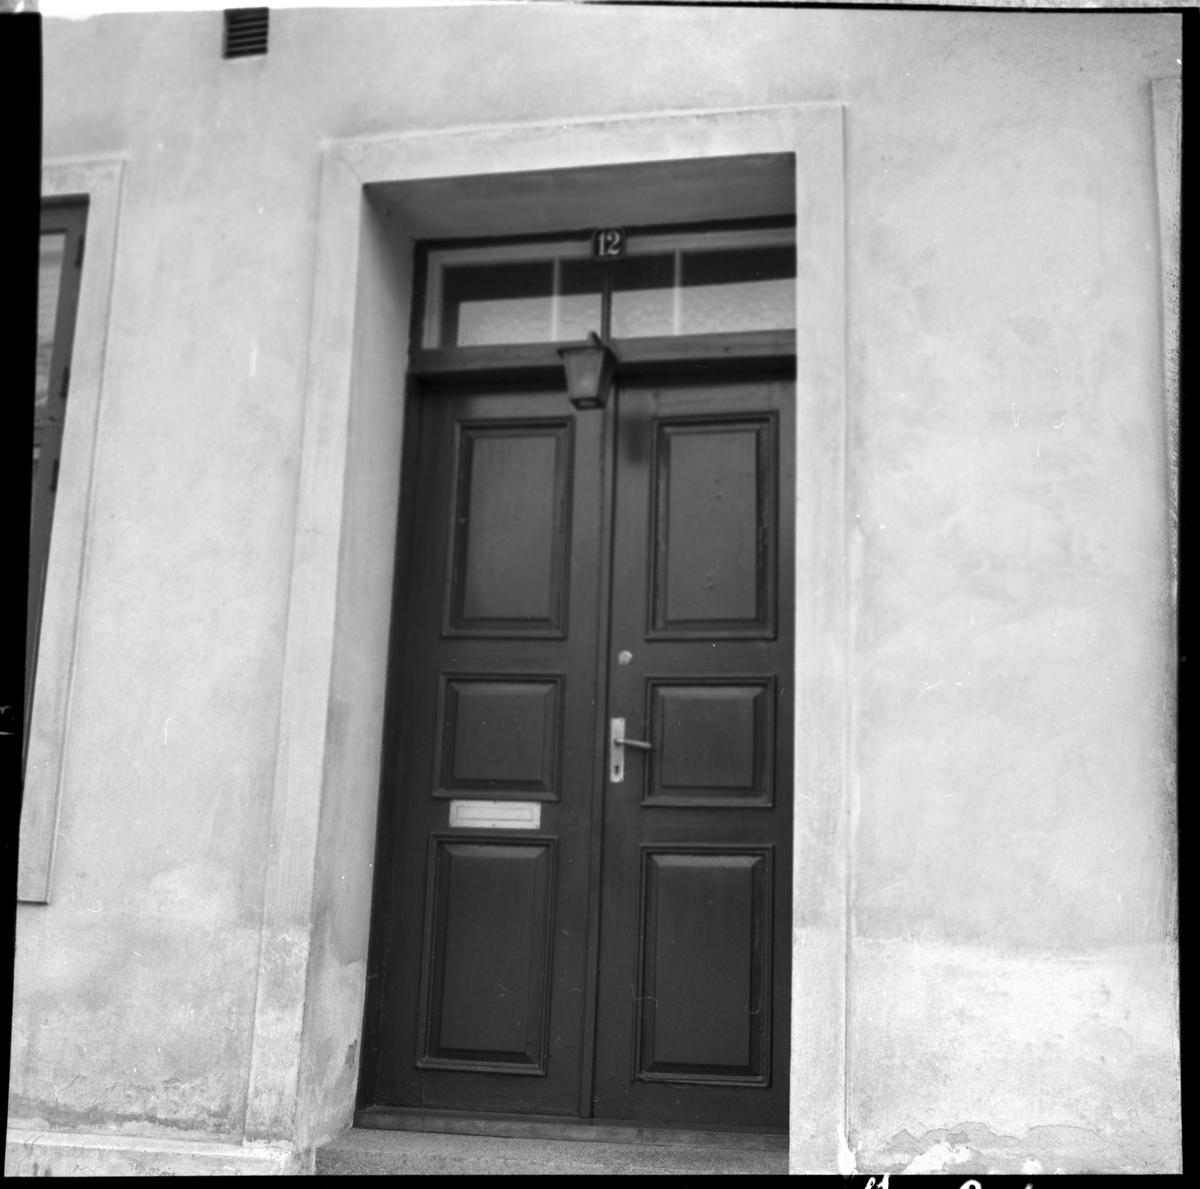 Entrén till villa Daghill i Helsingborg. Birger Sjöberg bodde i huset under sin tid i Helsingborg.